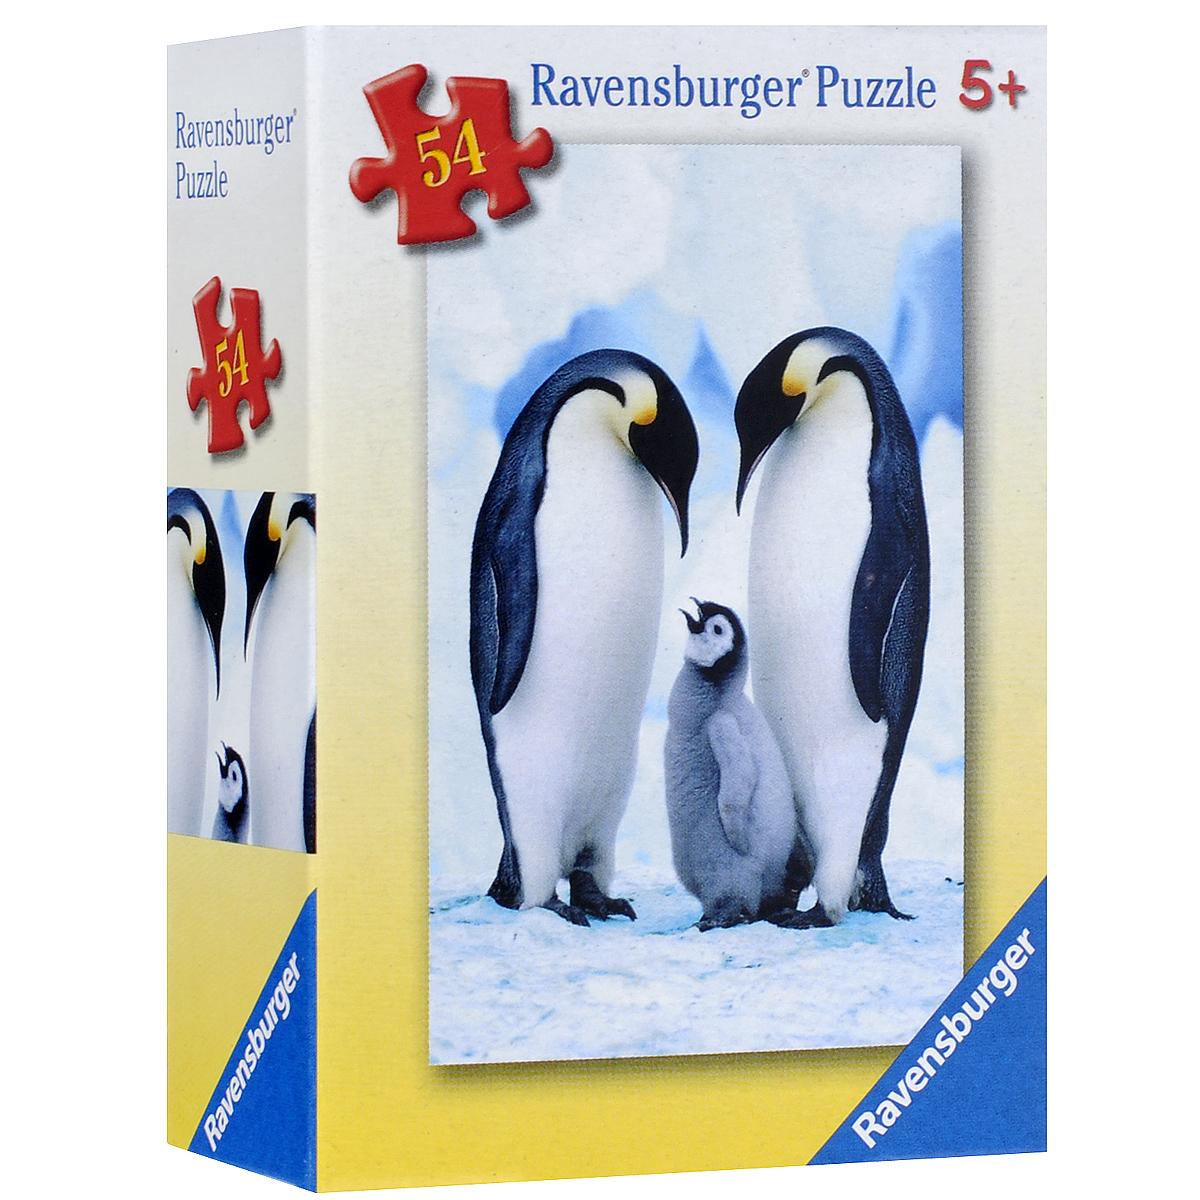 Ravensburger Детеныши животных. Мини-пазл, 54 элемента094301Пазл Ravensburger Детеныши животных, без сомнения, придется по душе вашему ребенку. Собрав этот пазл, включающий в себя 54 элемента, вы получите великолепную картинку с изображением семьи пингвинов. Каждая деталь имеет свою форму и подходит только на своё место. Нет двух одинаковых деталей! Пазл изготовлен из картона высочайшего качества. Все изображения аккуратно отсканированы и напечатаны на ламинированной бумаге. Собирание пазла развивает мелкую моторику у ребенка, тренирует наблюдательность, логическое мышление, знакомит с окружающим миром, с цветом и разнообразными формами.